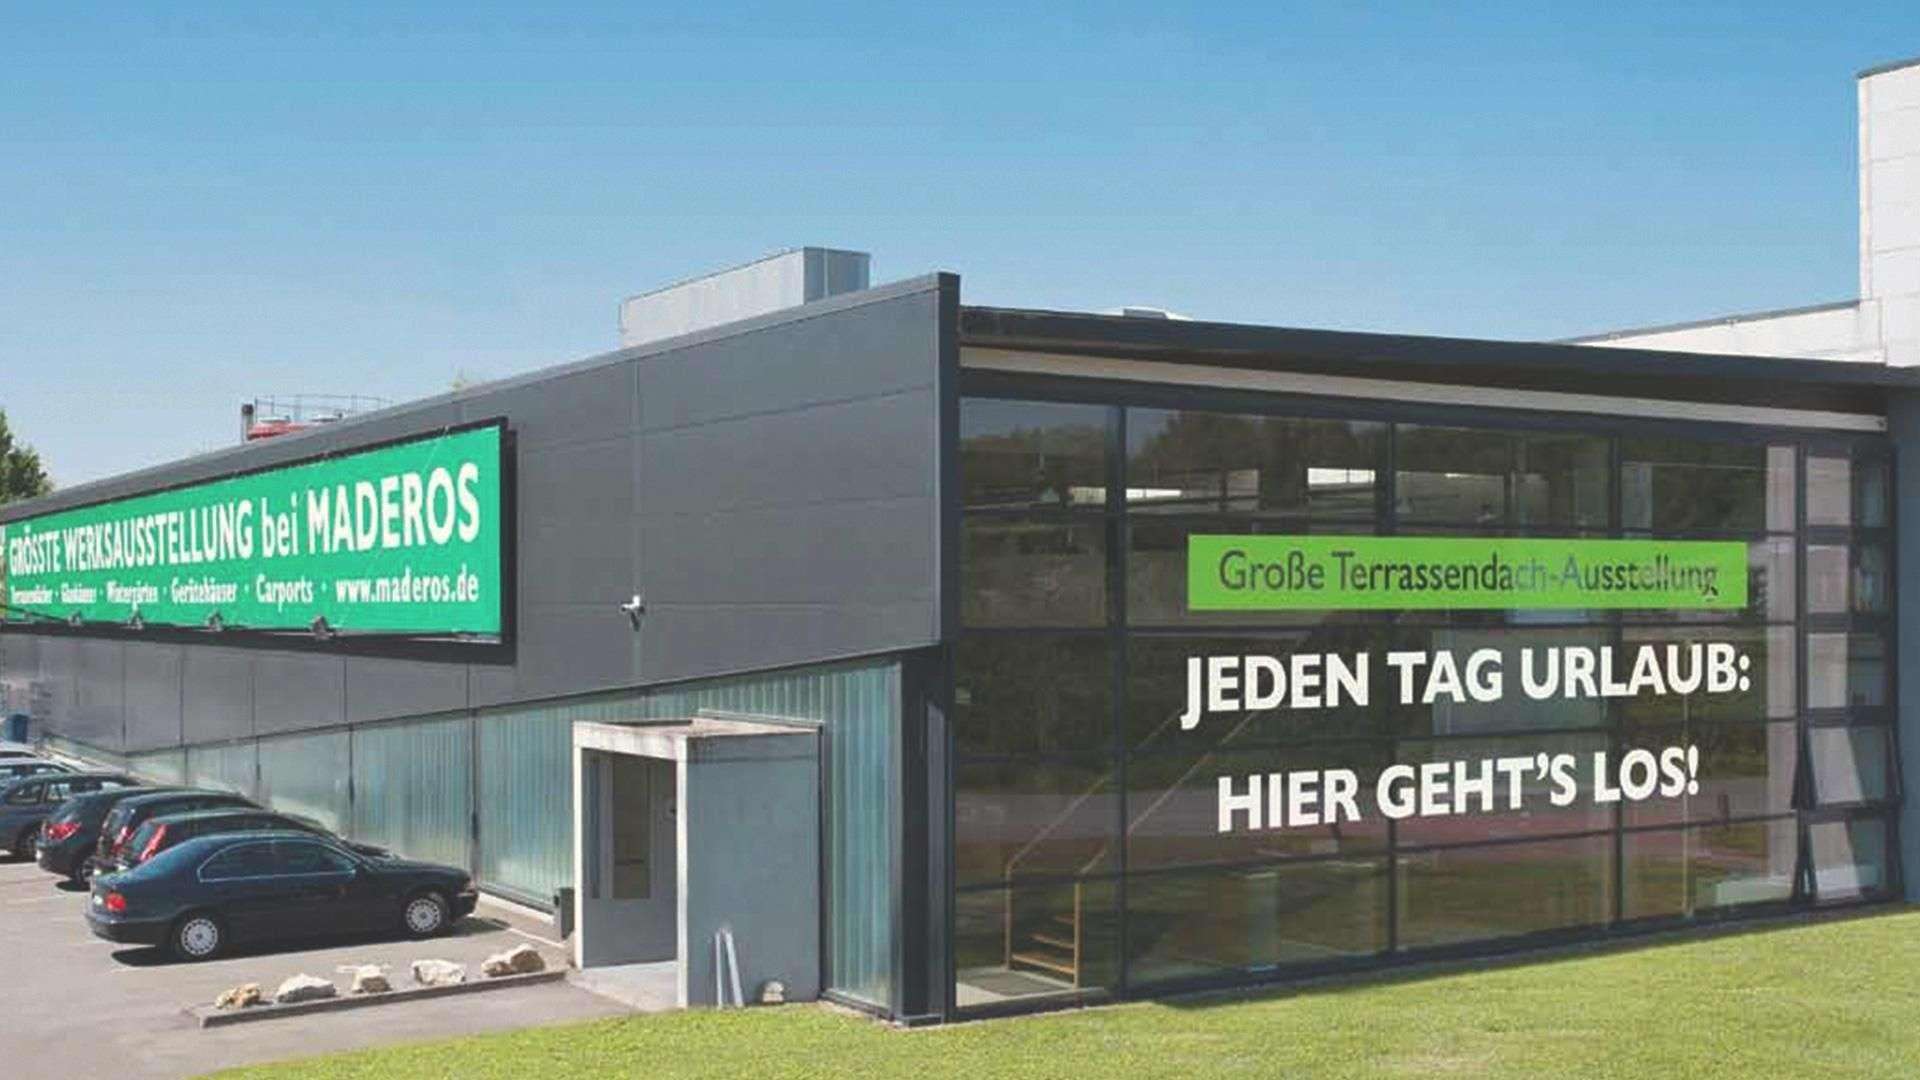 MADEROS Maderos GmbH